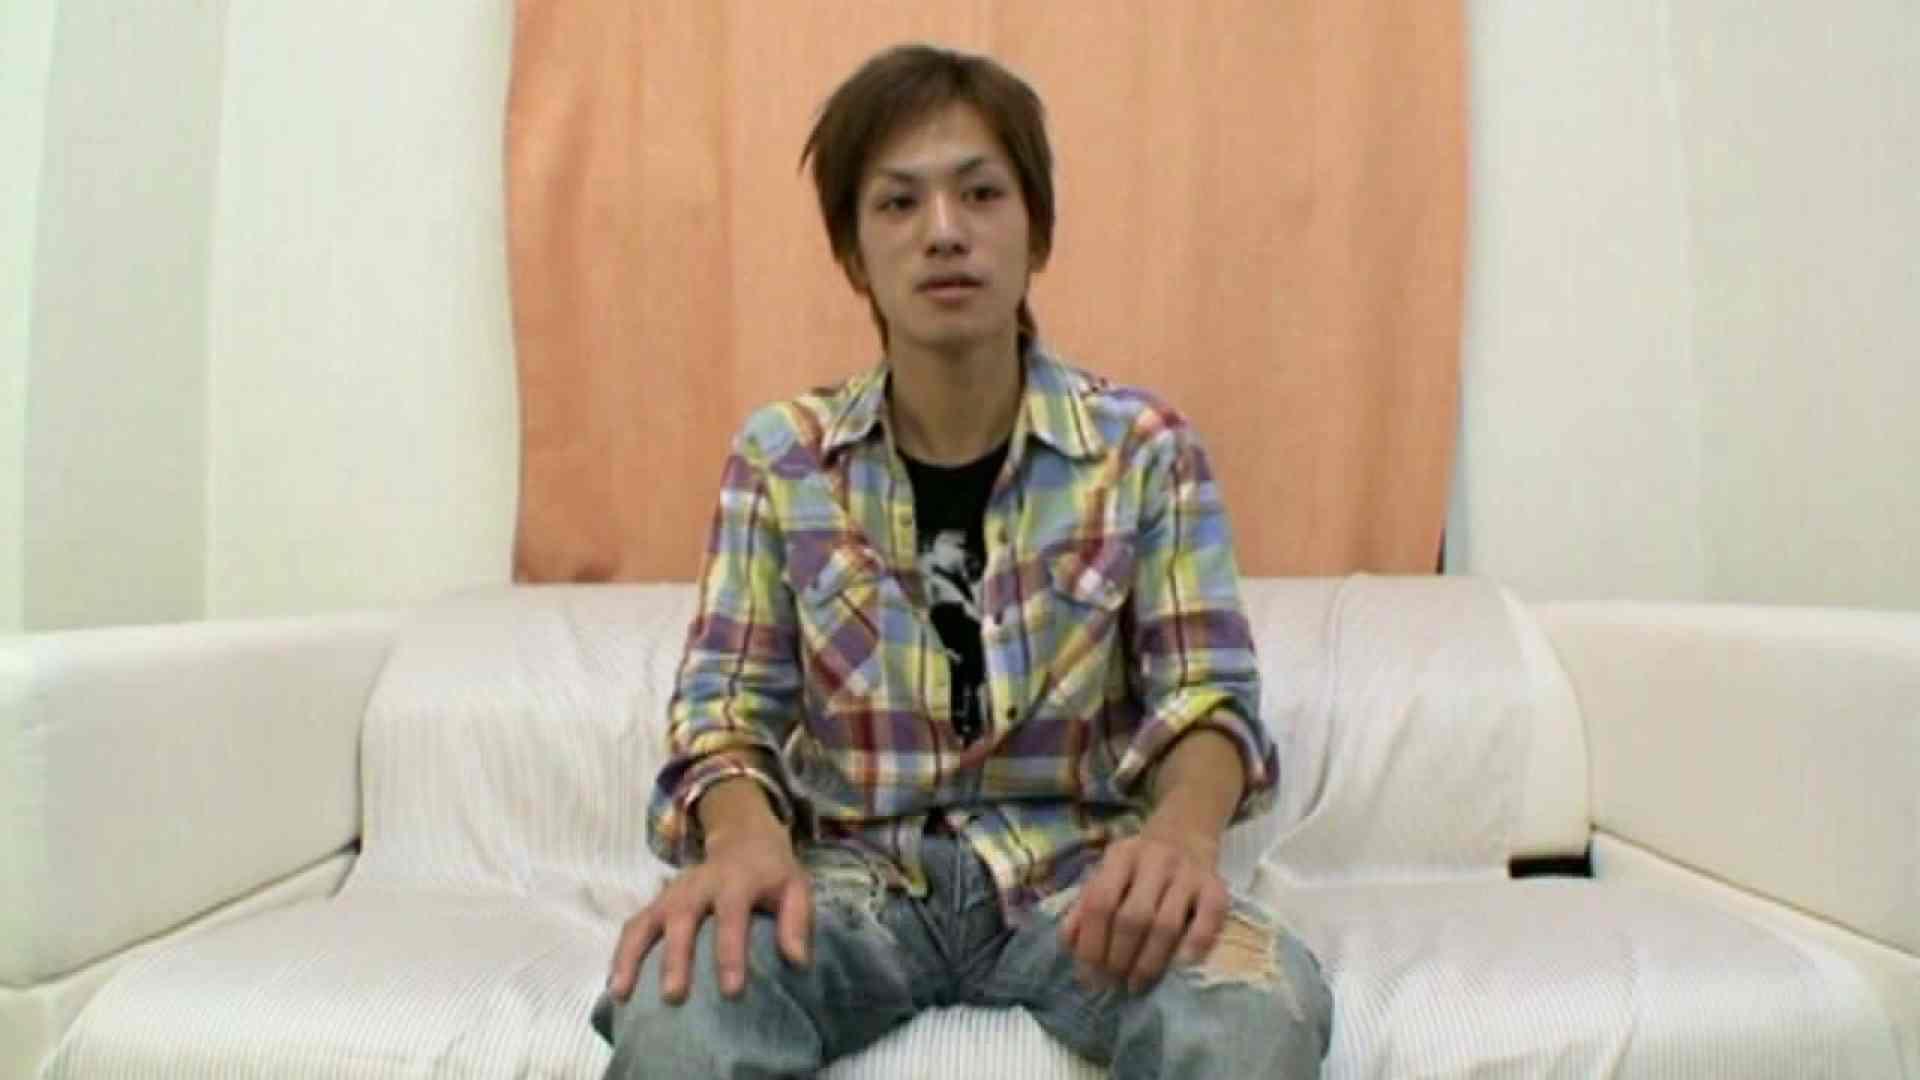 ノンケ!自慰スタジオ No.03 ノンケ天国 ゲイヌード画像 101pic 6